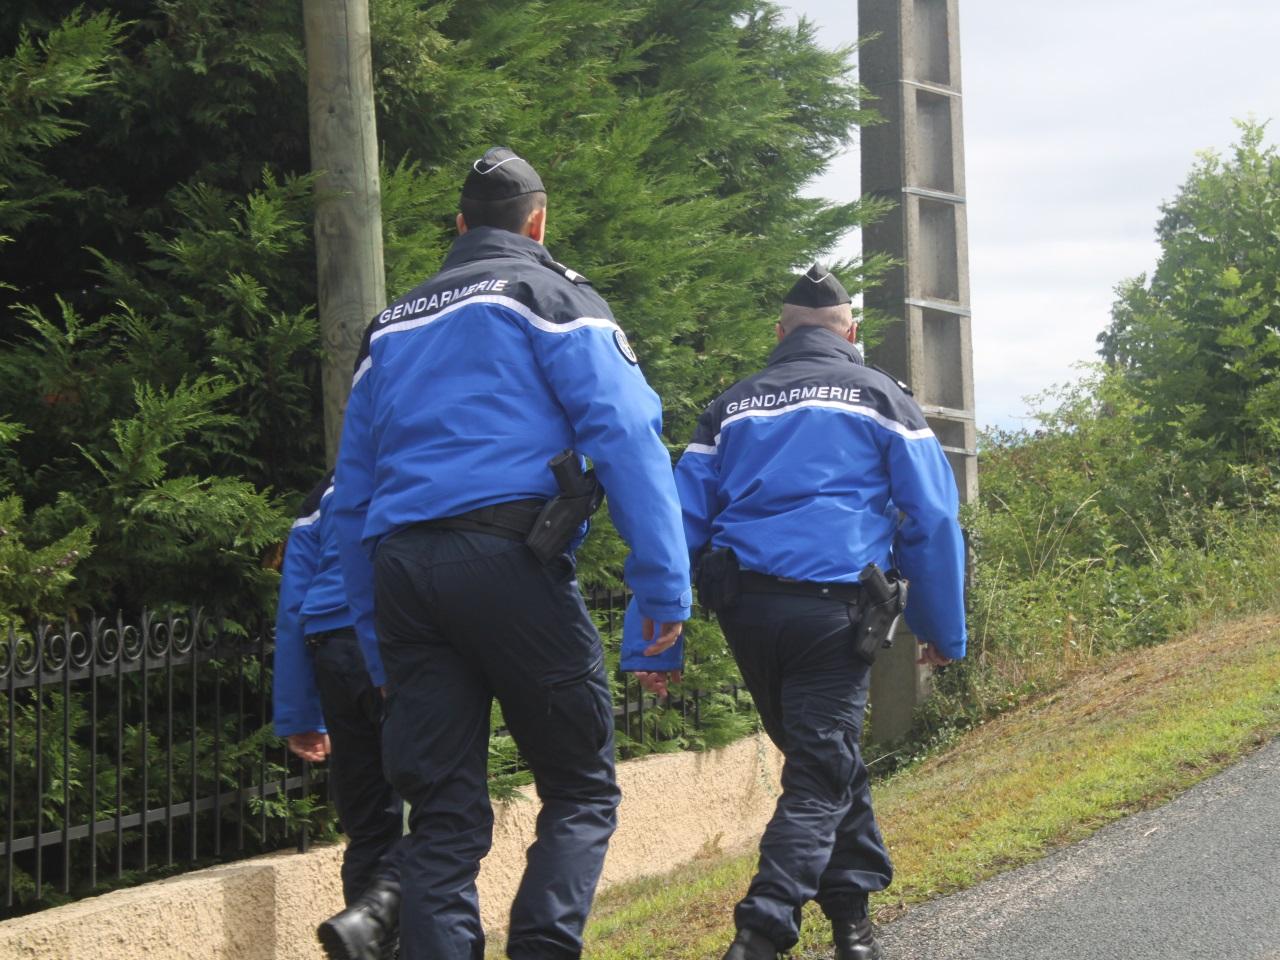 Nouvelles révélations accablantes sur le principal suspect — Disparition de Maëlys